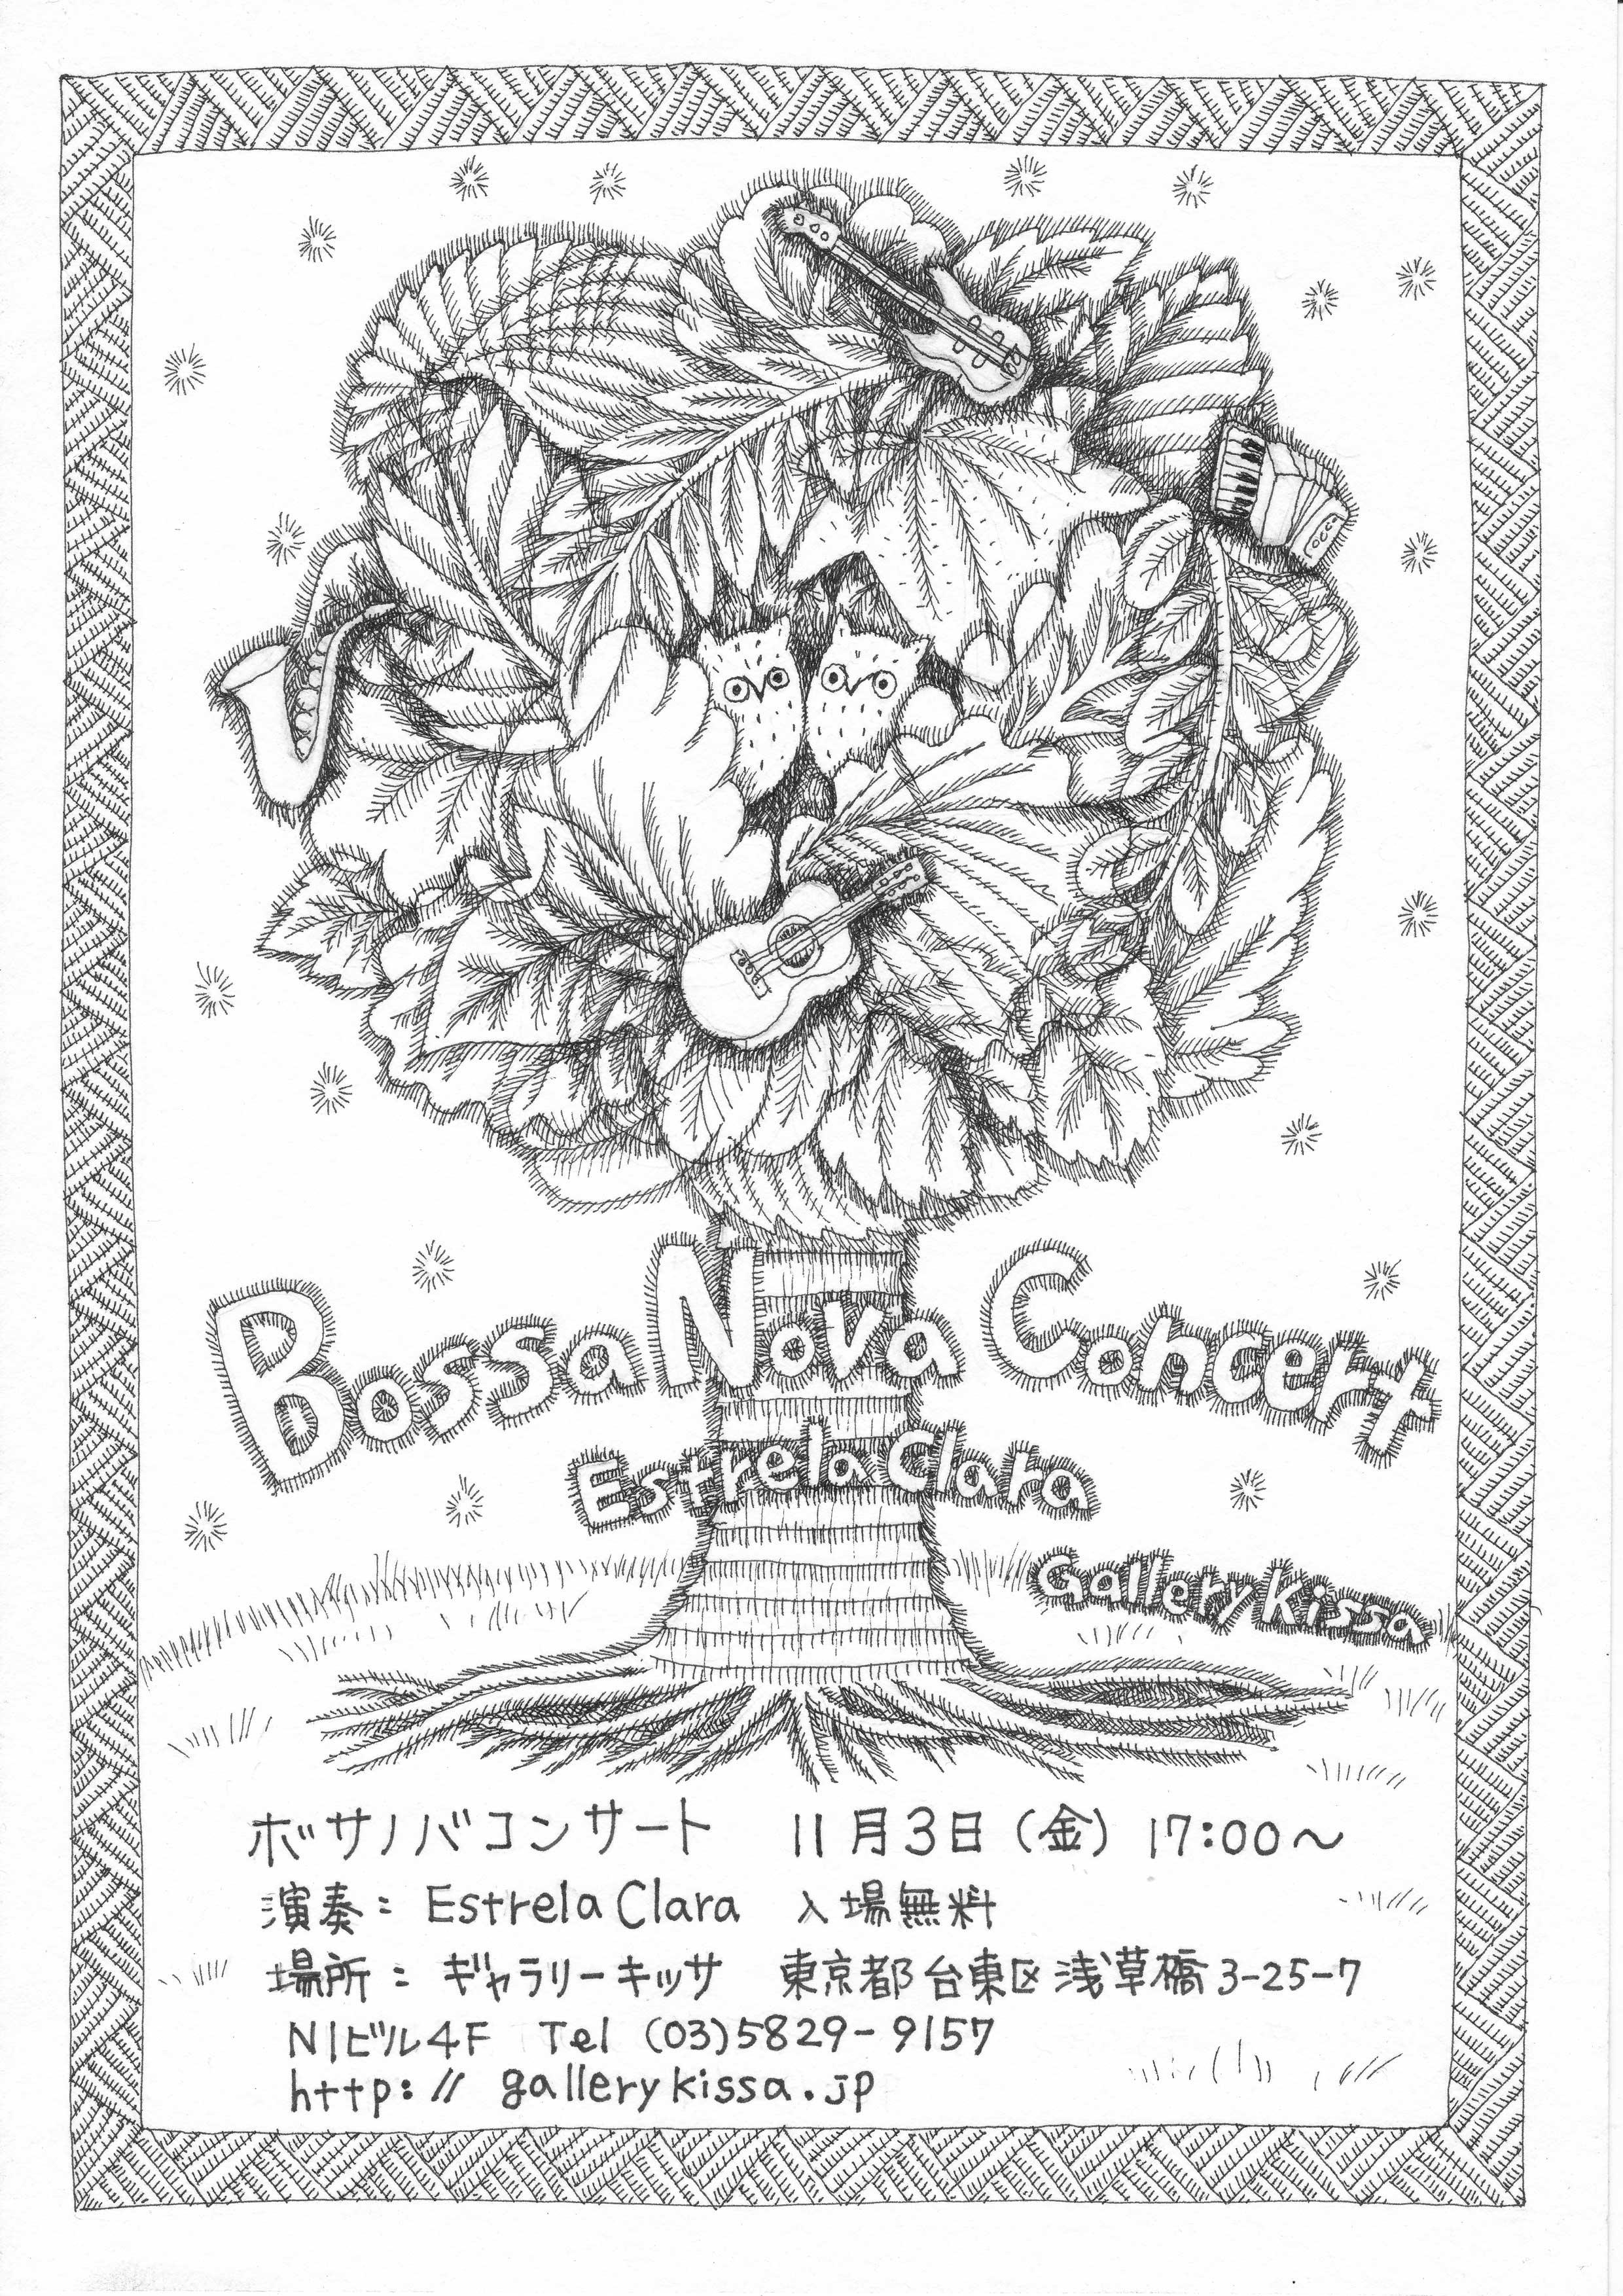 11月3日(金)17:00~ ボサノバコンサート(演奏:Estrela Clara) @ 台東区 | 東京都 | 日本